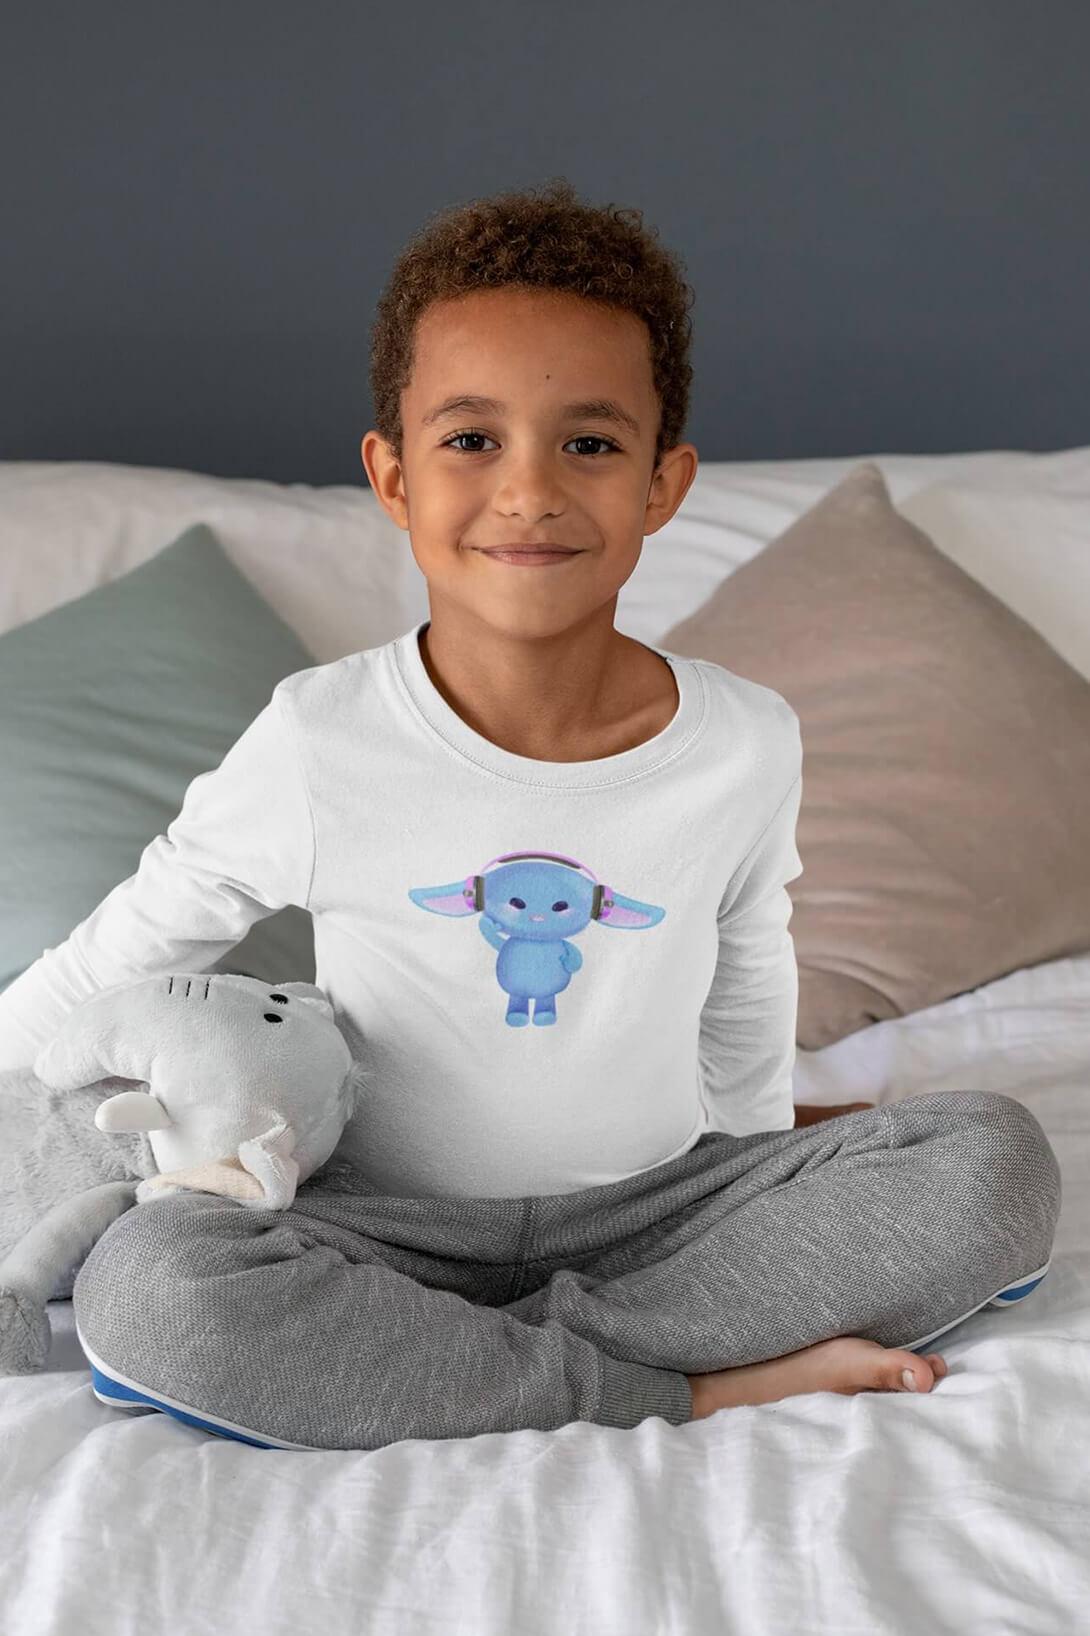 MMO Detské tričko s dlhým rukávom Zajac so slúchadlami Vyberte farbu:: Biela, Detská veľkosť: 122/6 rokov